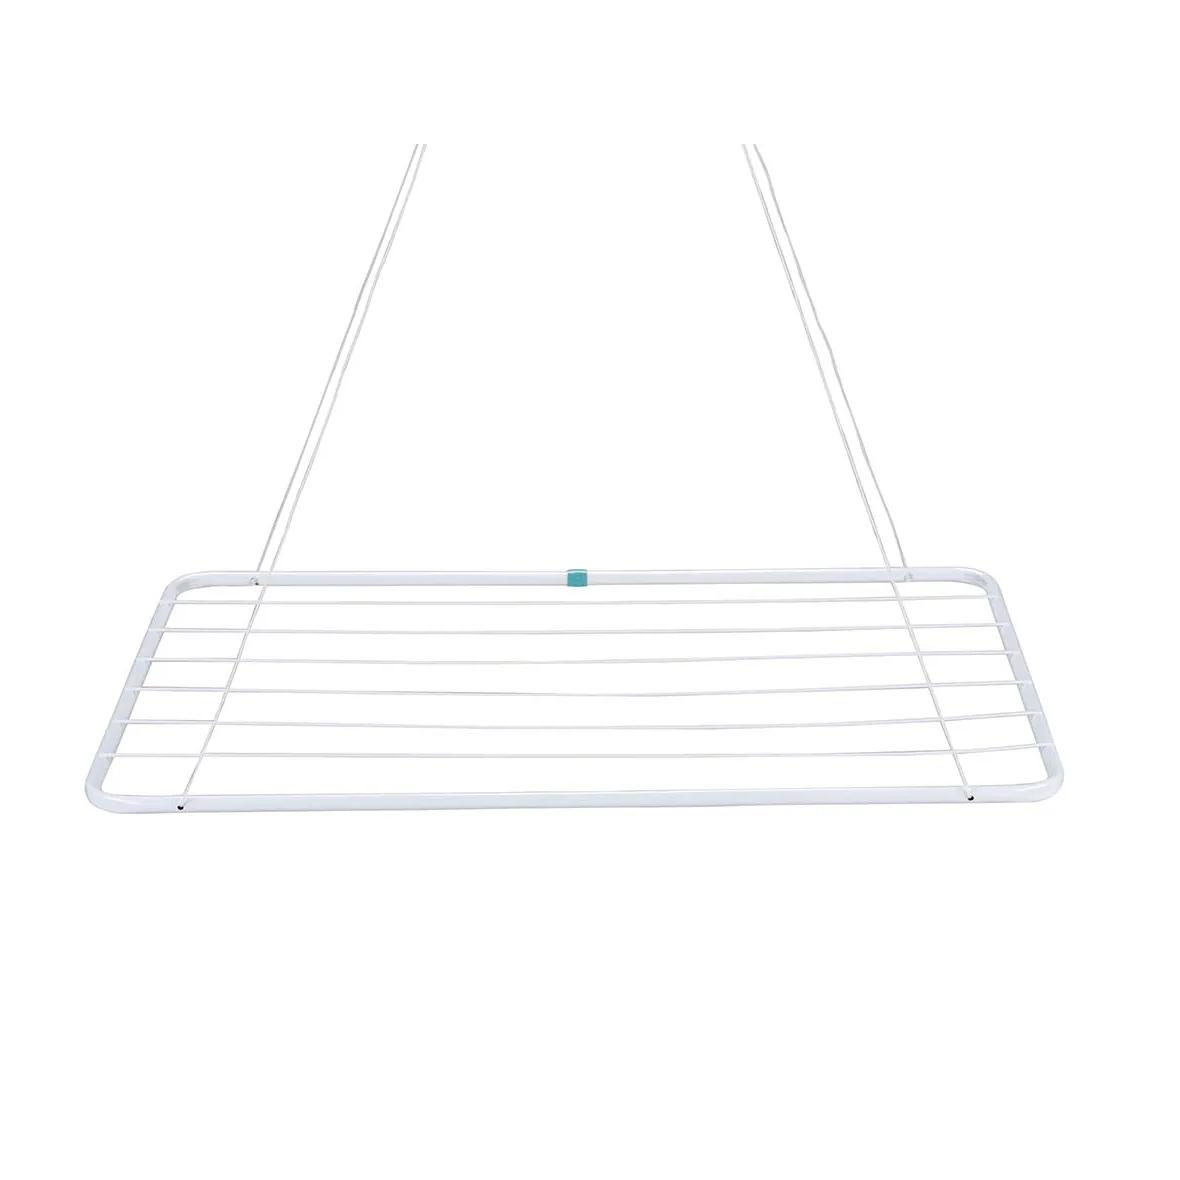 Varal de Teto de Aco 8 Hastes 90x56cm Branco - Mor